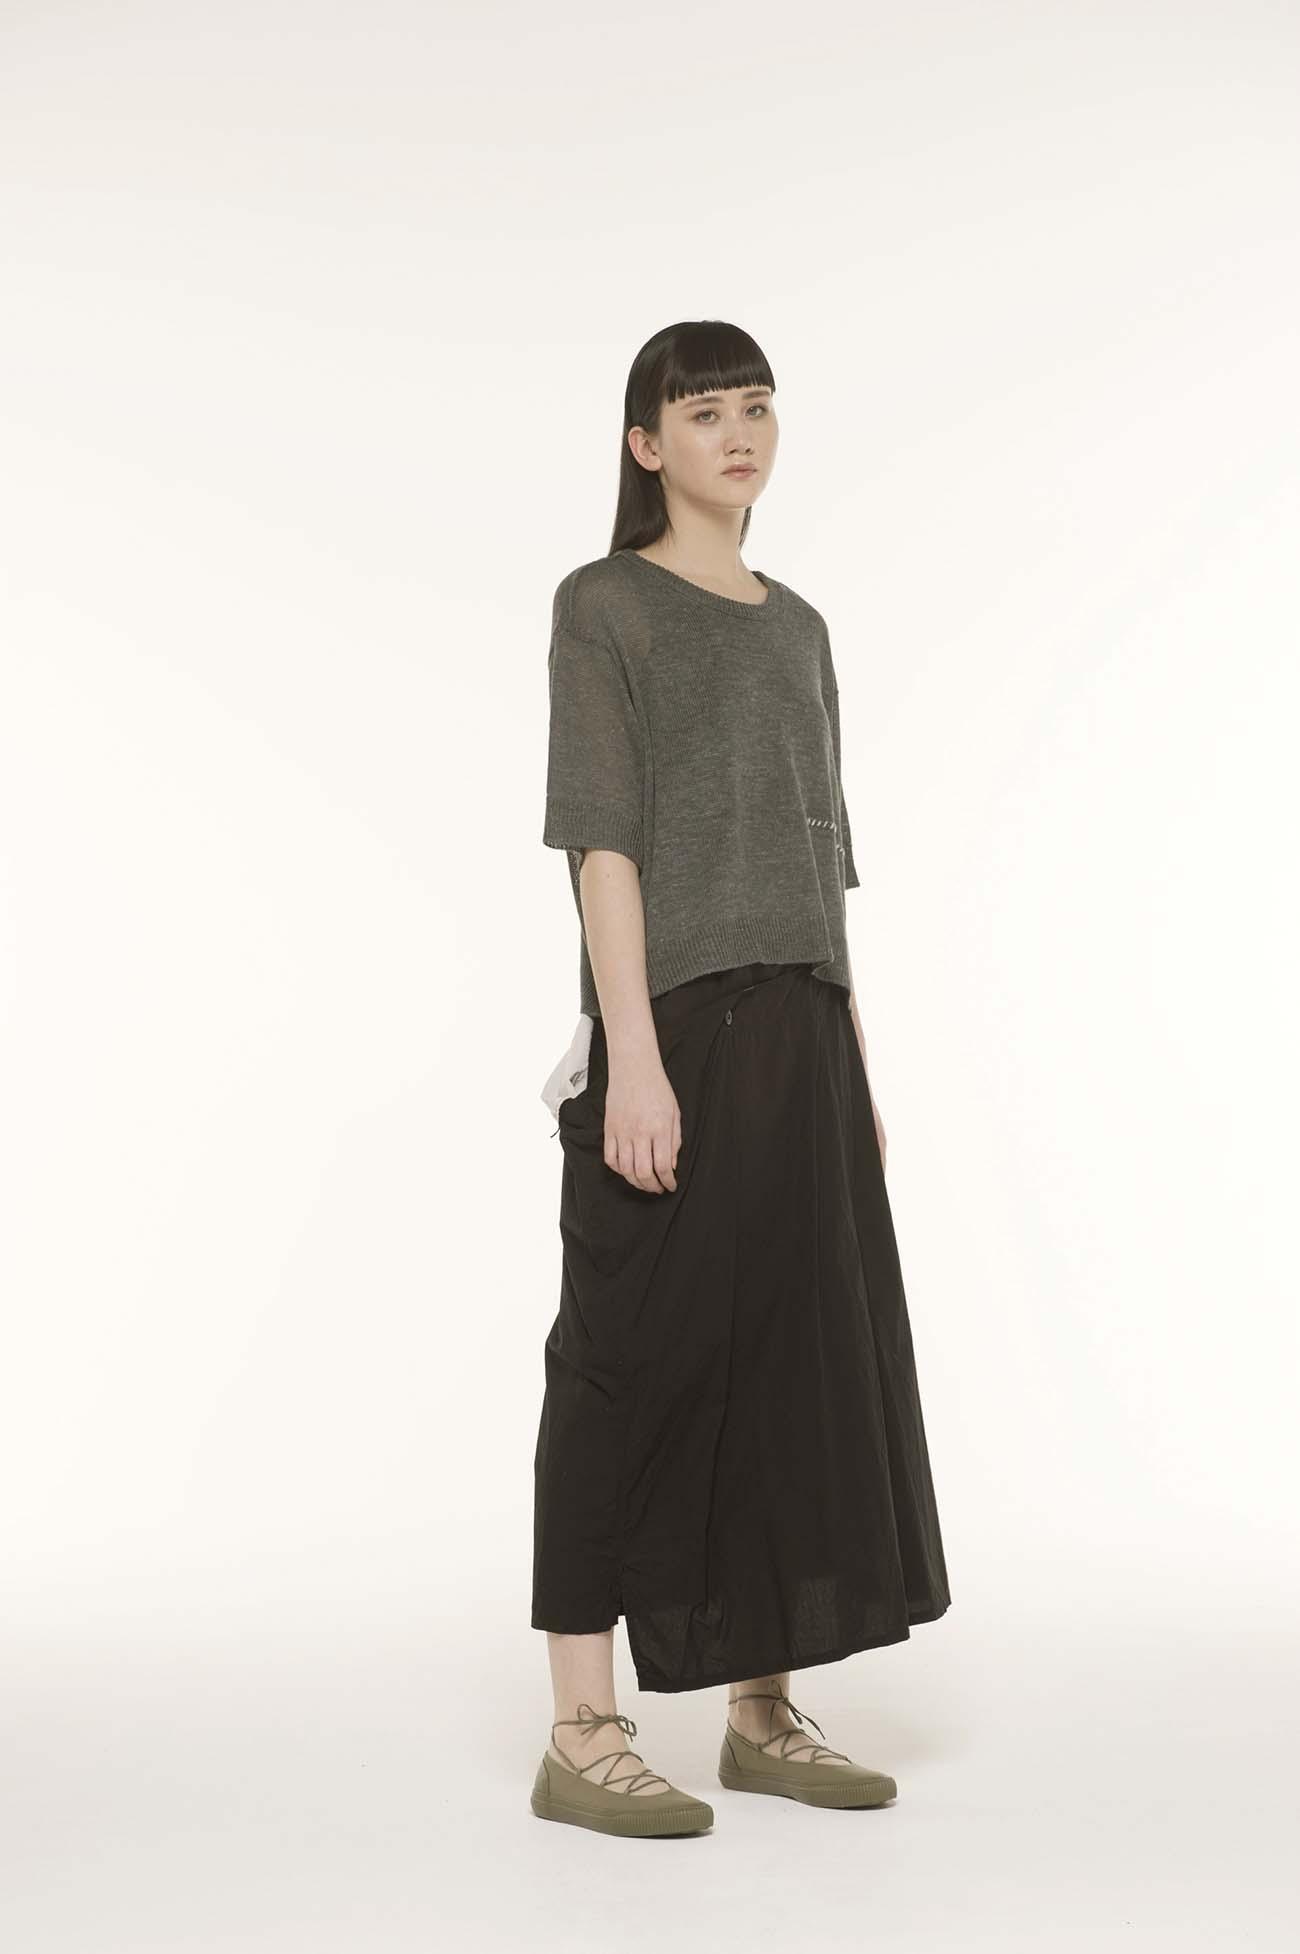 缝线装饰短袖短款四角针织衫